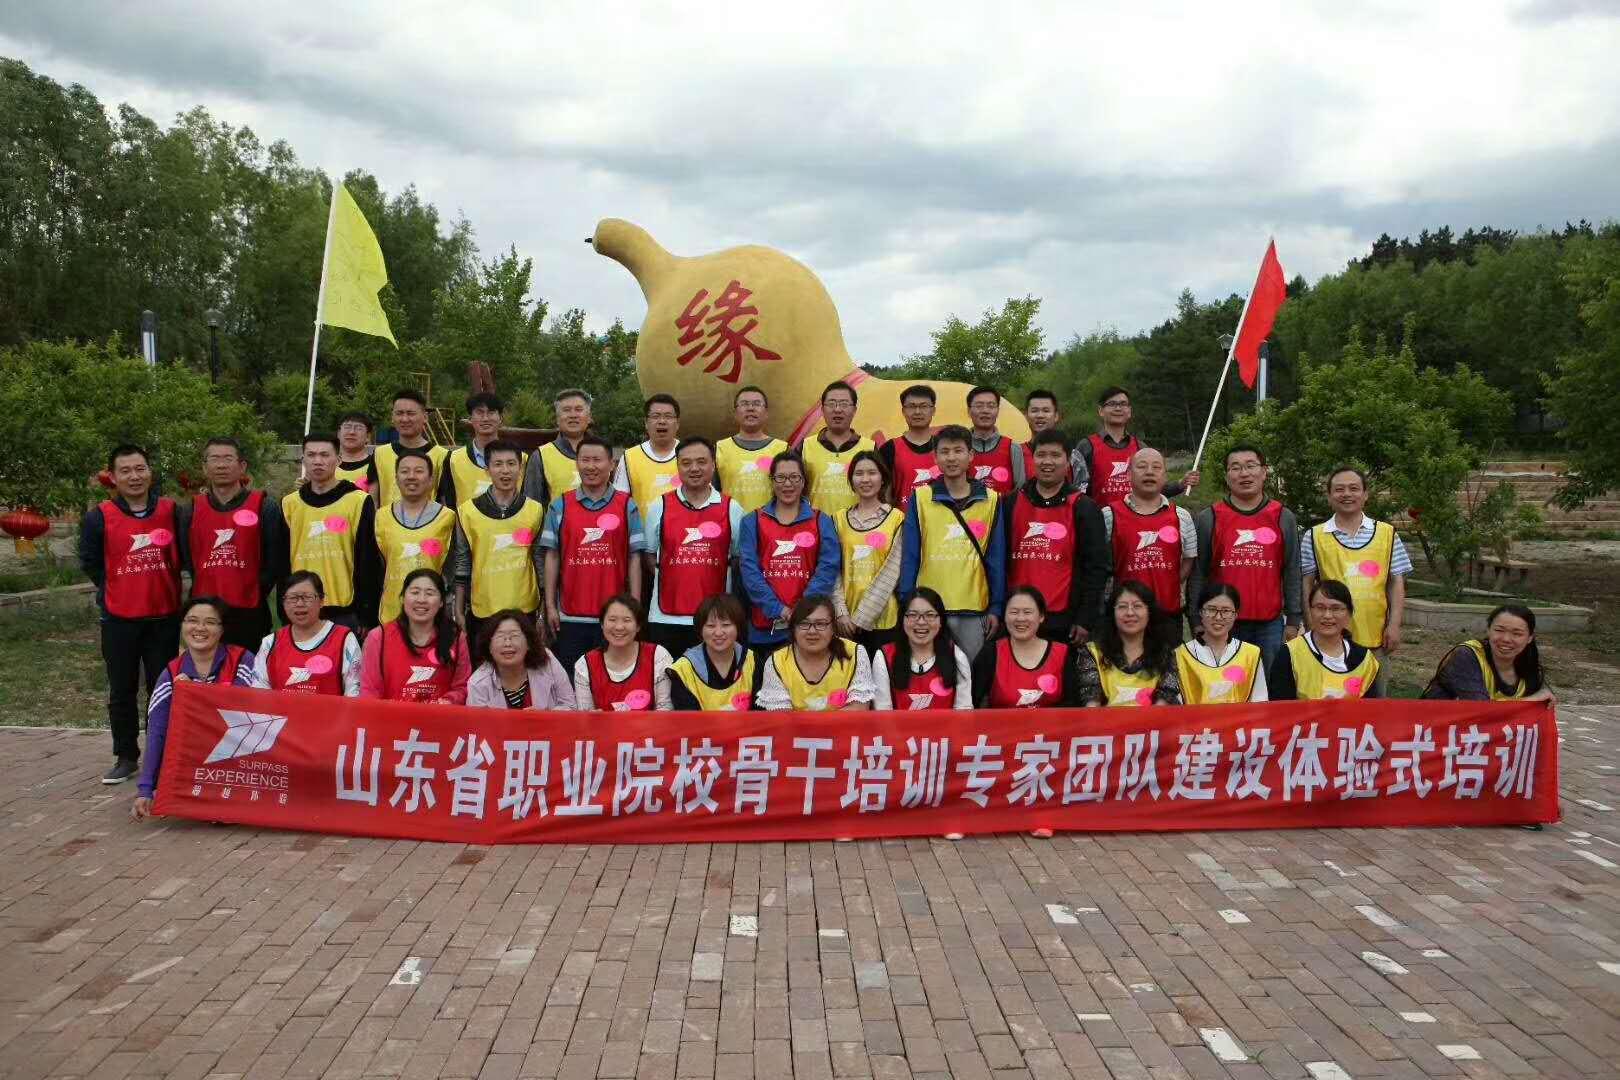 山东省职业院校骨干培训专家团队建设体验式培训圆满成功